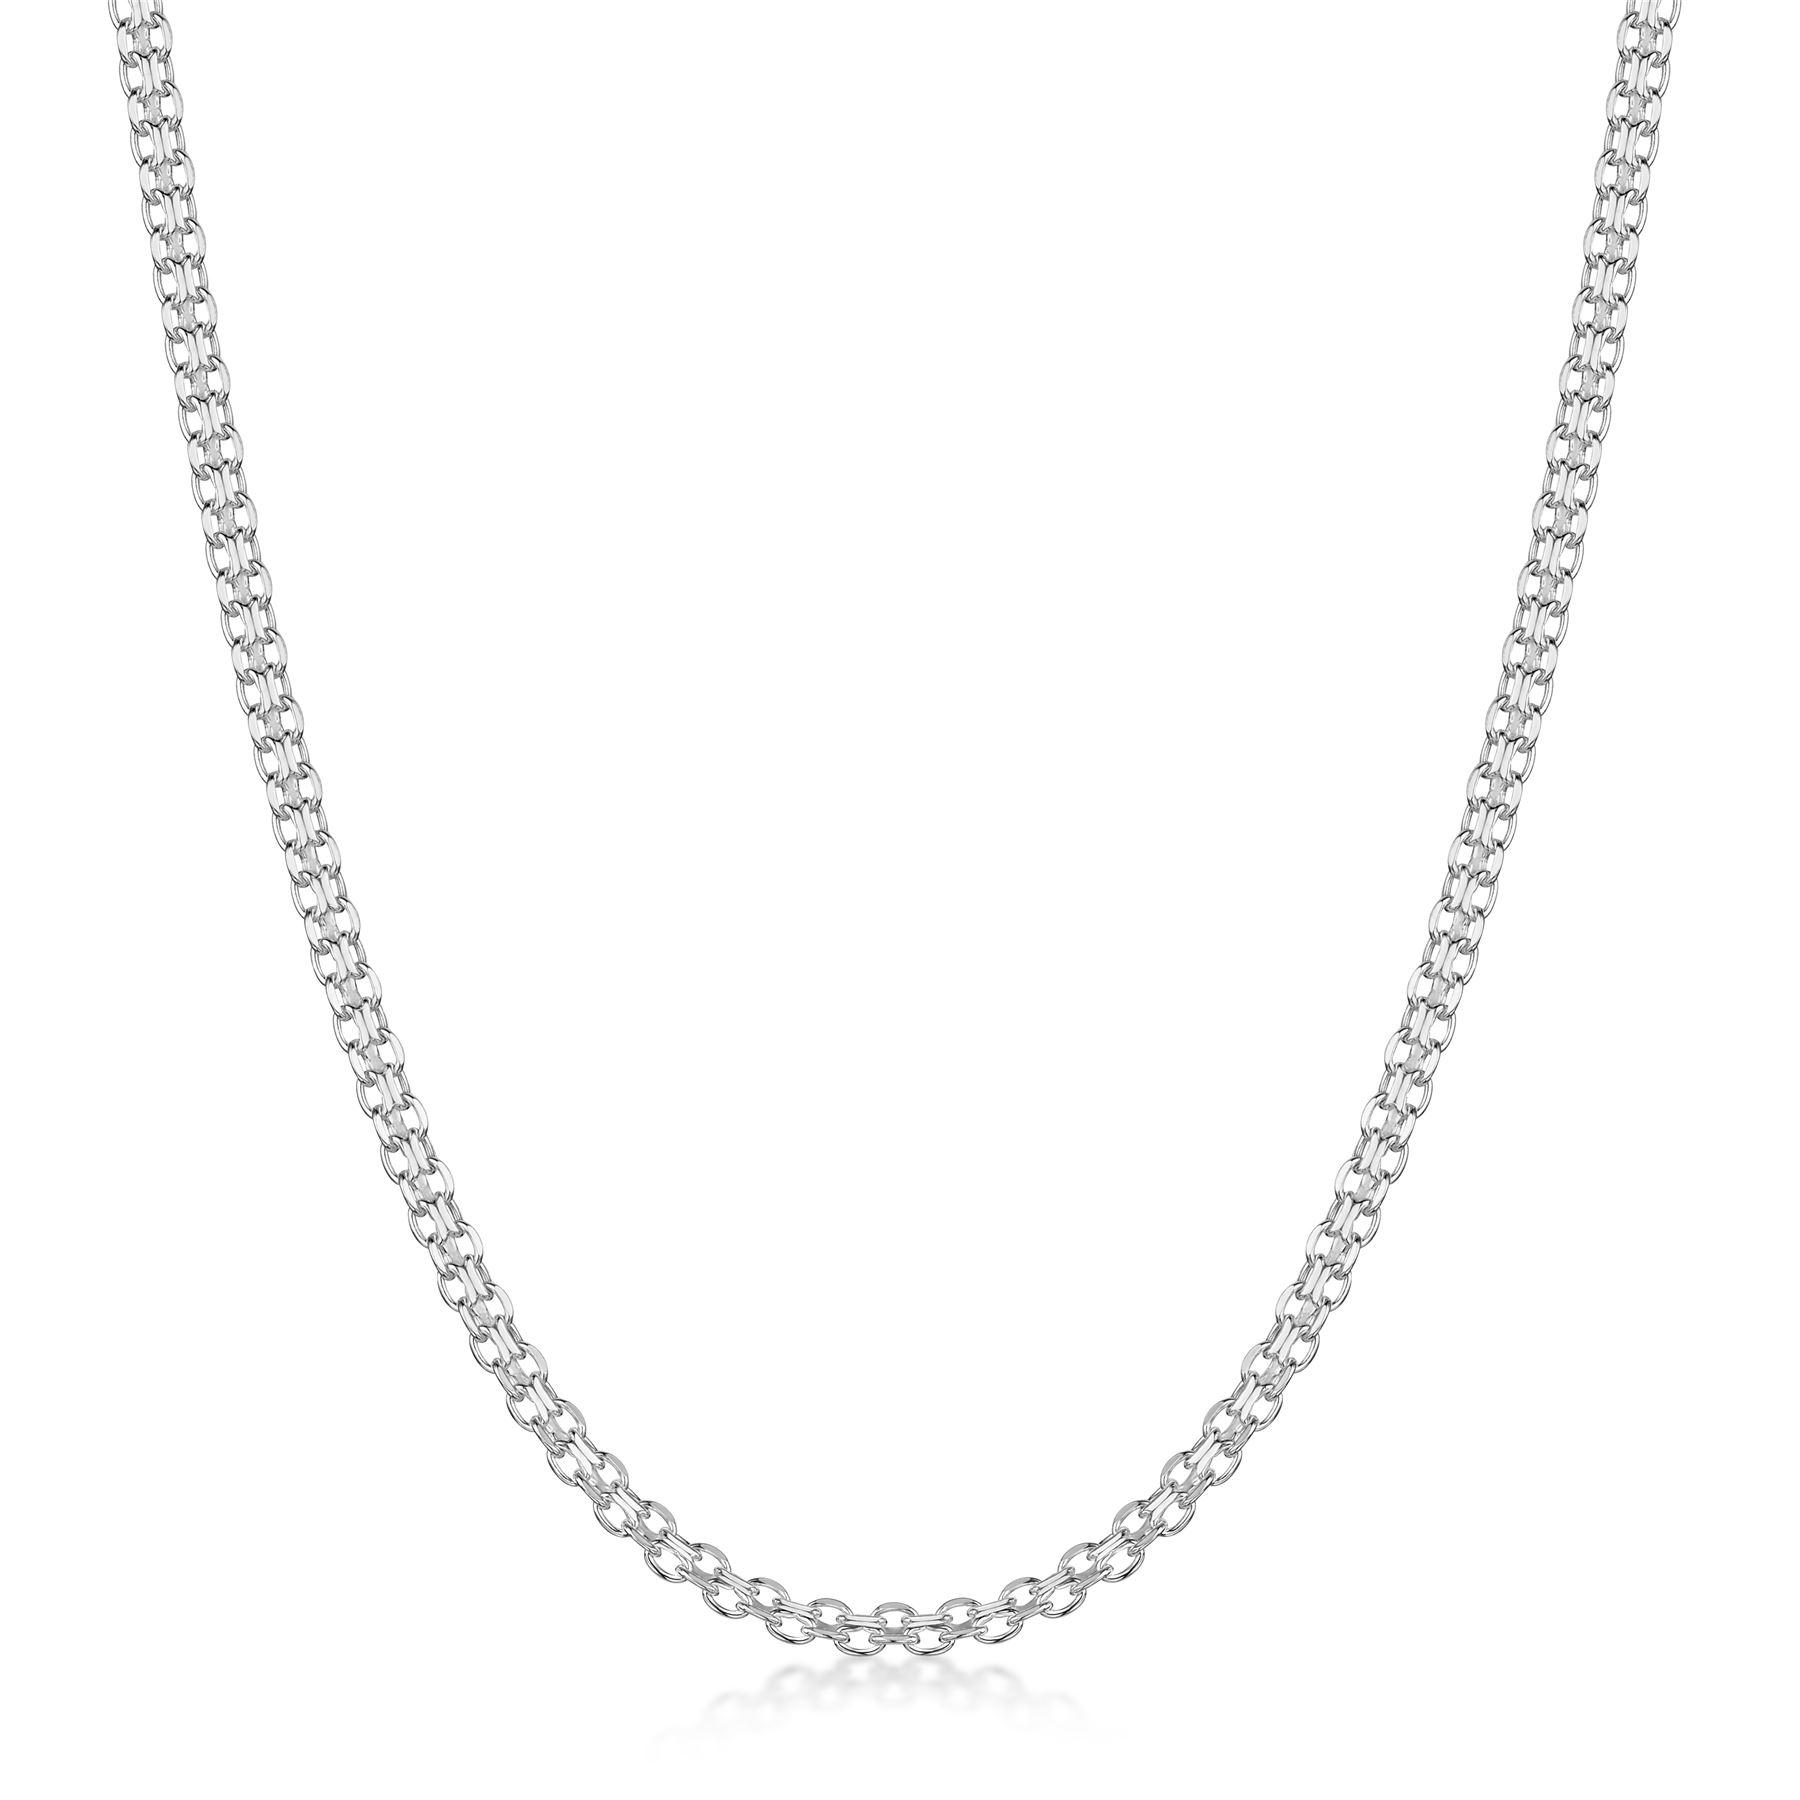 Amberta-Collar-en-Plata-De-Ley-925-Autentica-Cadena-para-Mujer-y-Hombre-Italiana miniatura 94